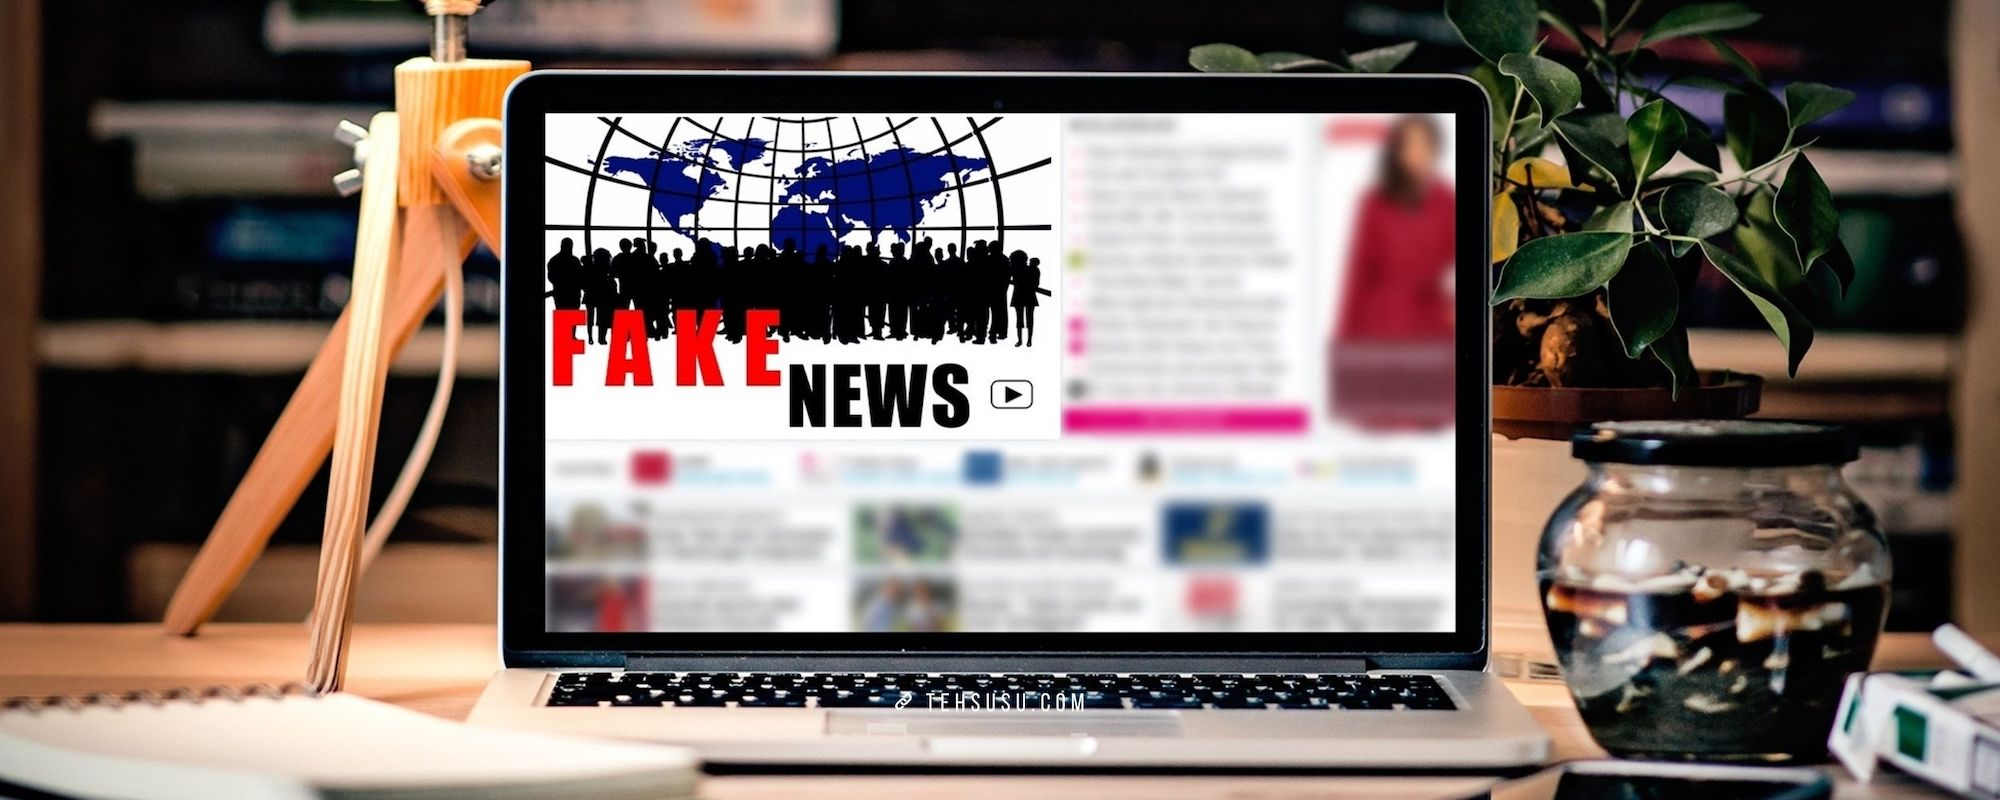 Jangan Biarkan Berita HOAX Menyebar di Social Media